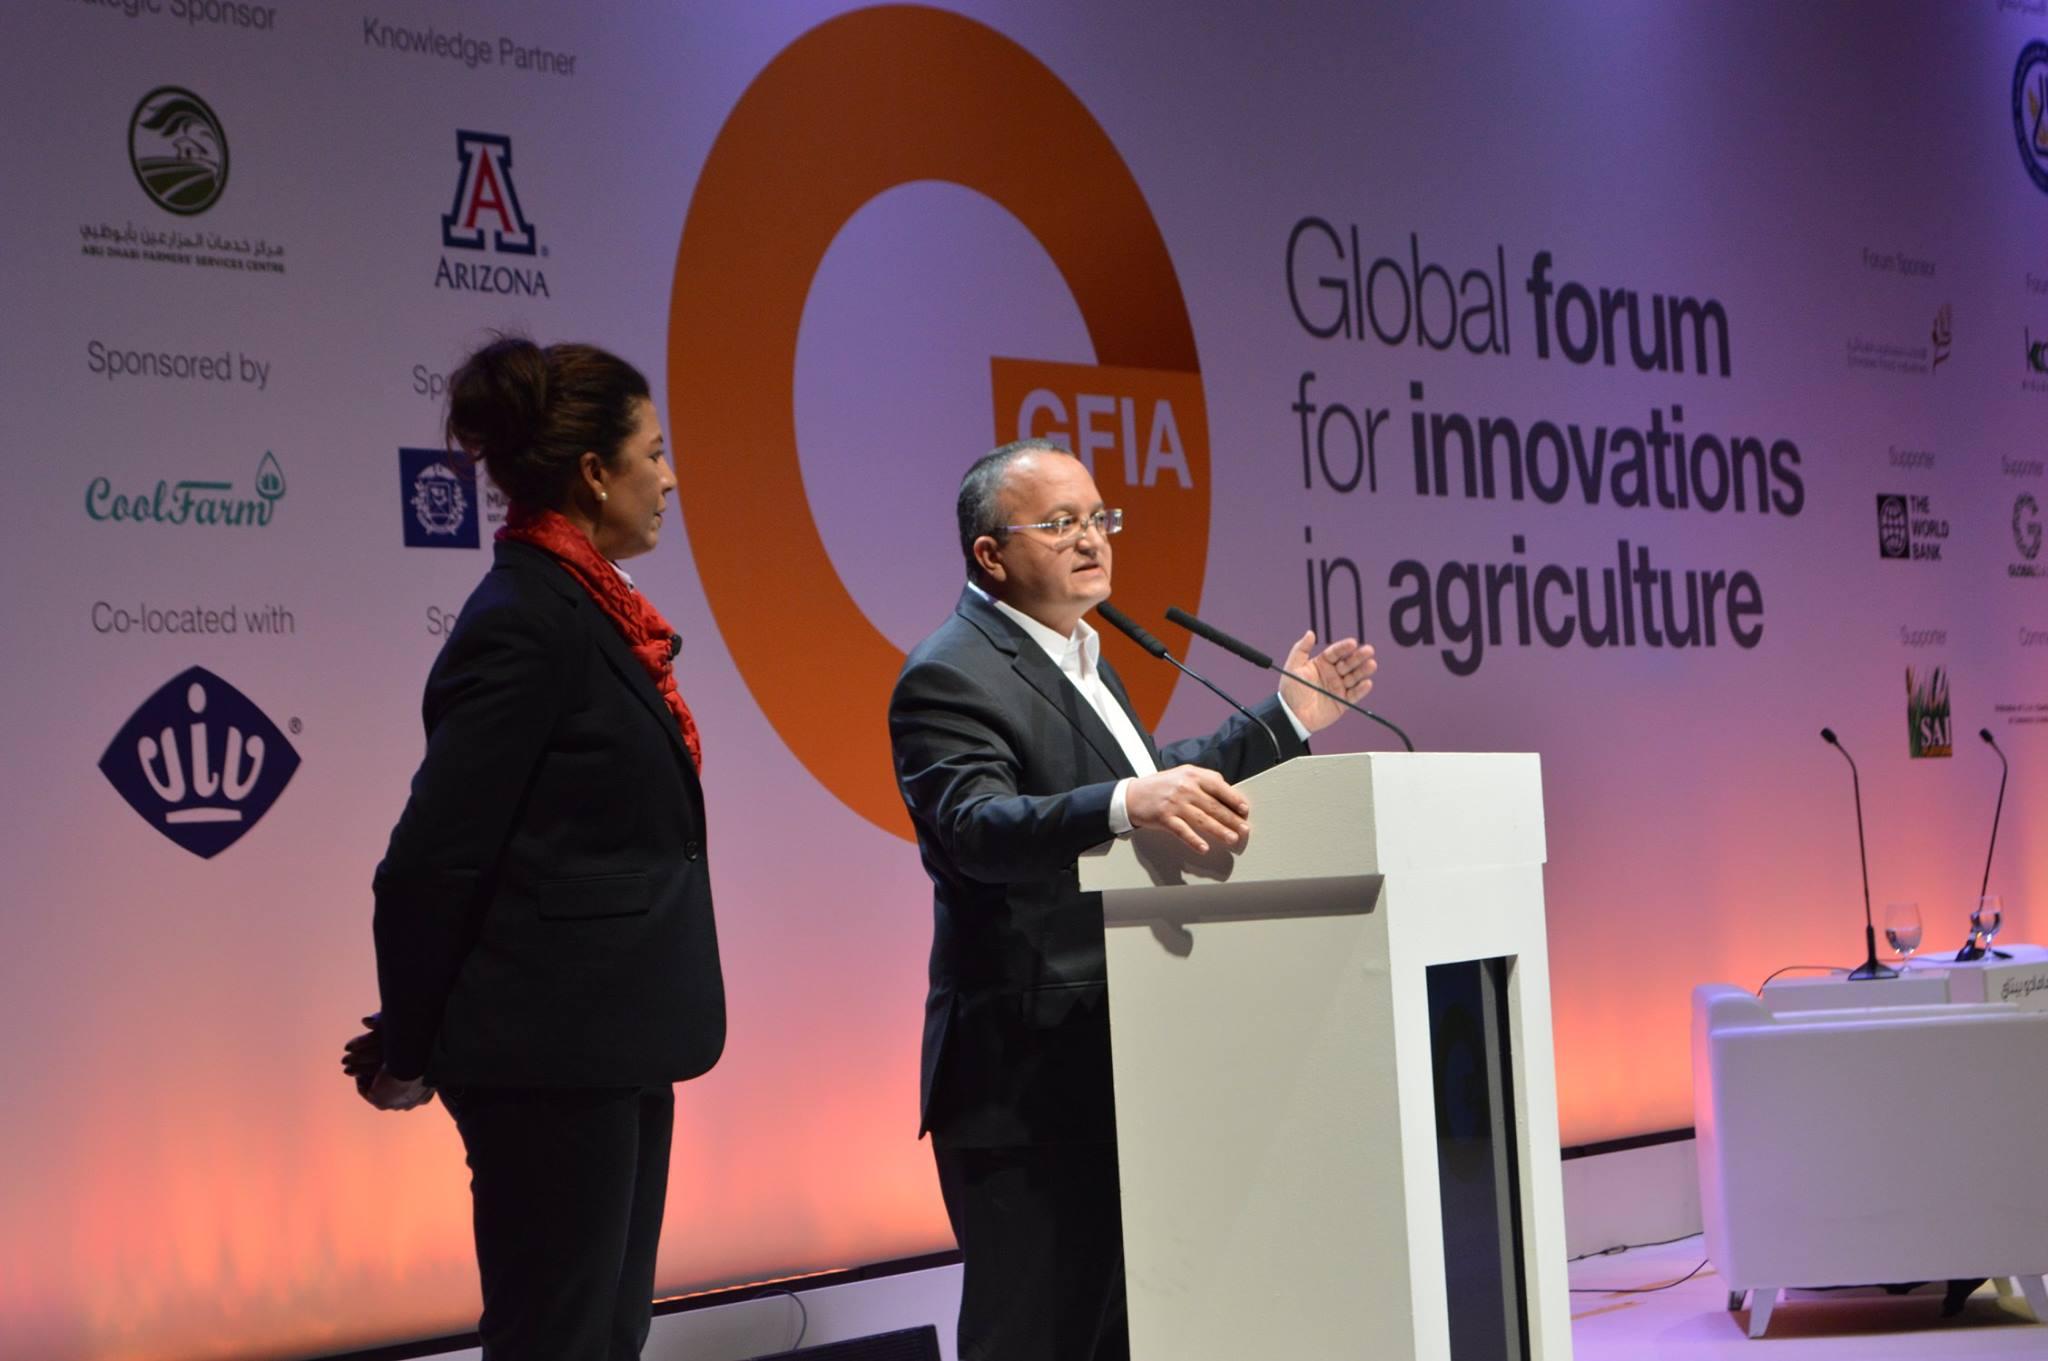 Taques destaca compromisso para ampliar o desenvolvimento sustentável